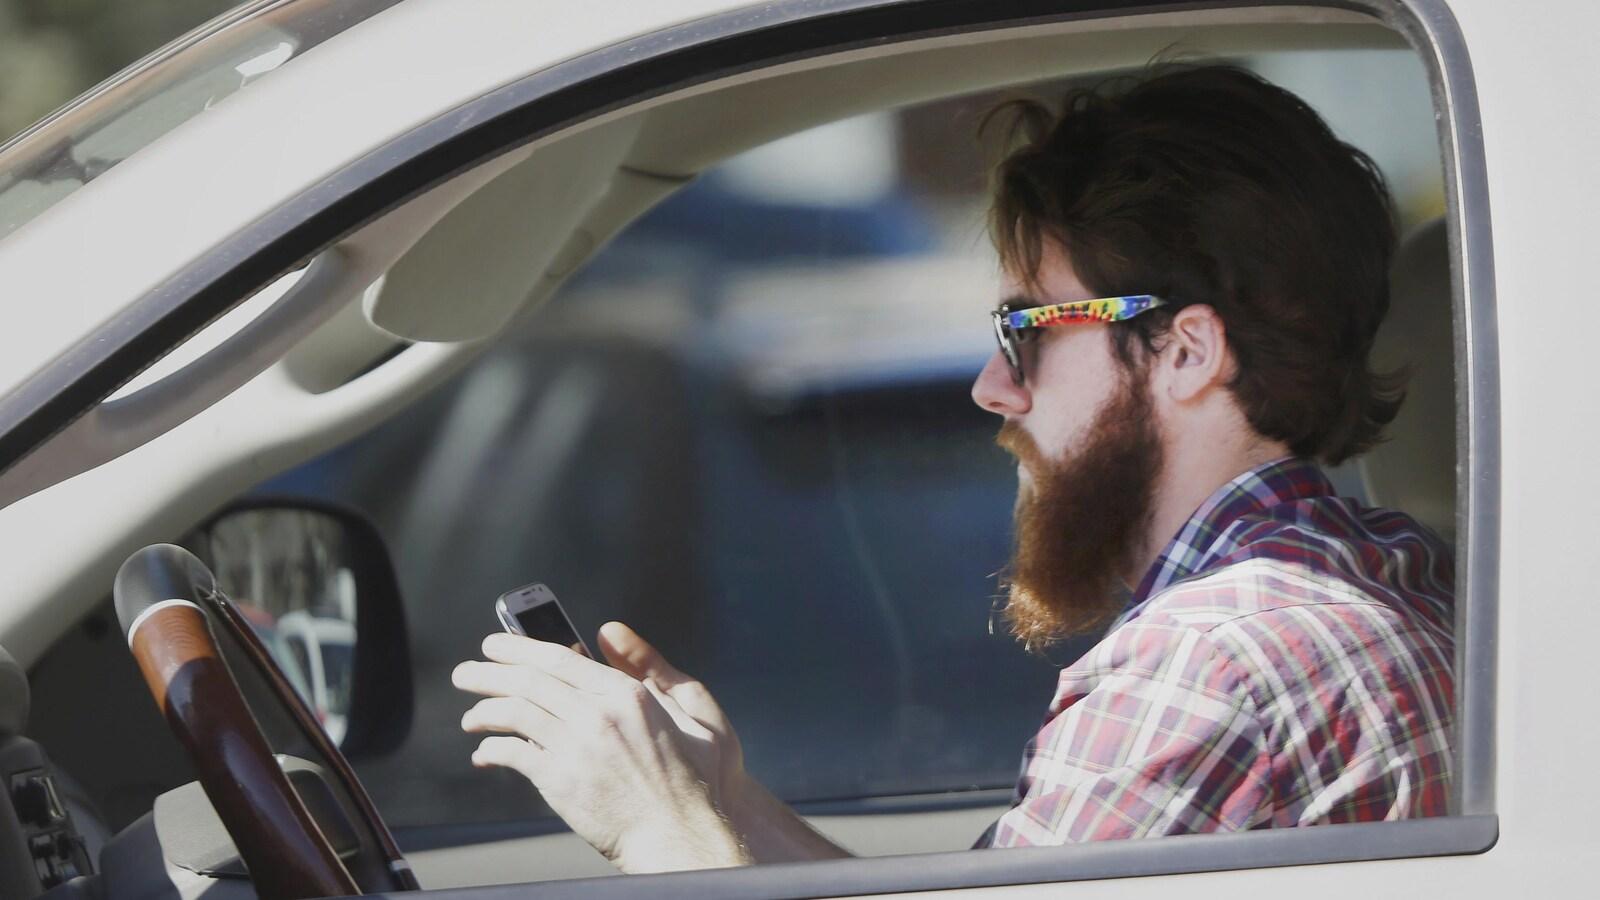 Un automobiliste texte au volant.